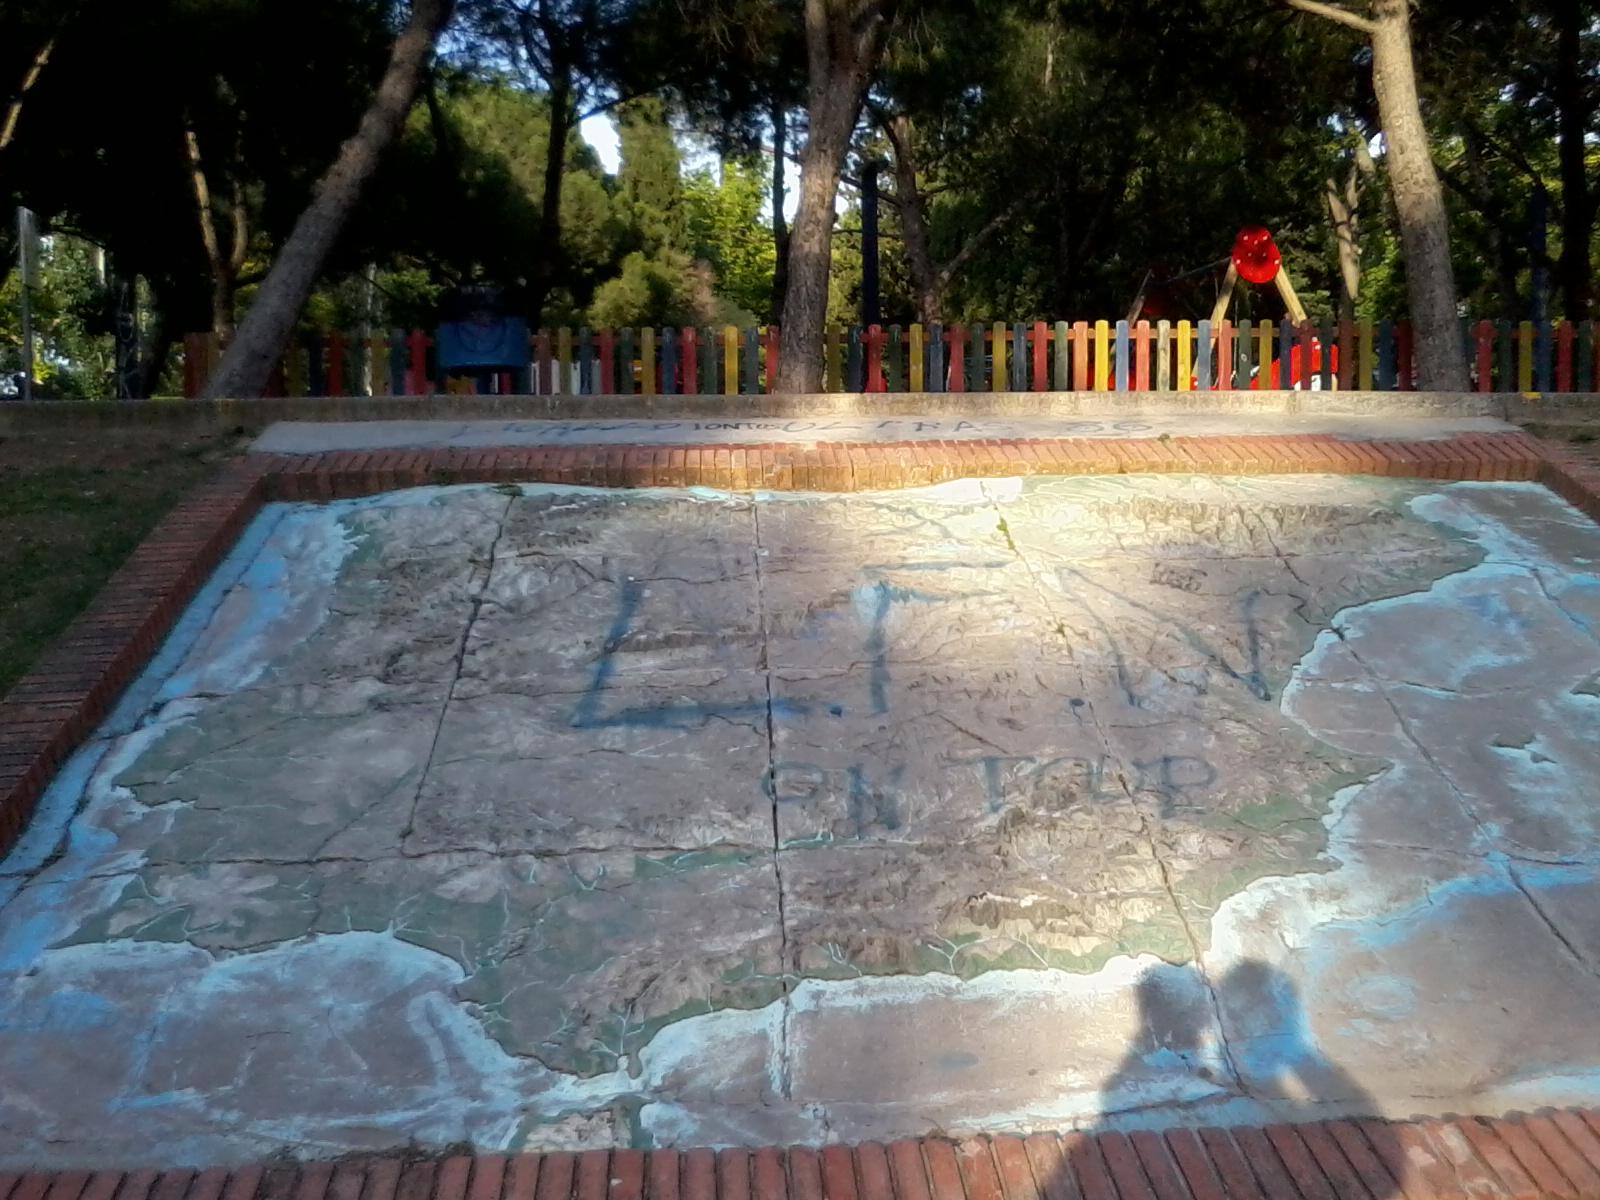 Mapa Parque Grande Zaragoza.El Errante Caminando Por Zaragoza El Parque Grande 2